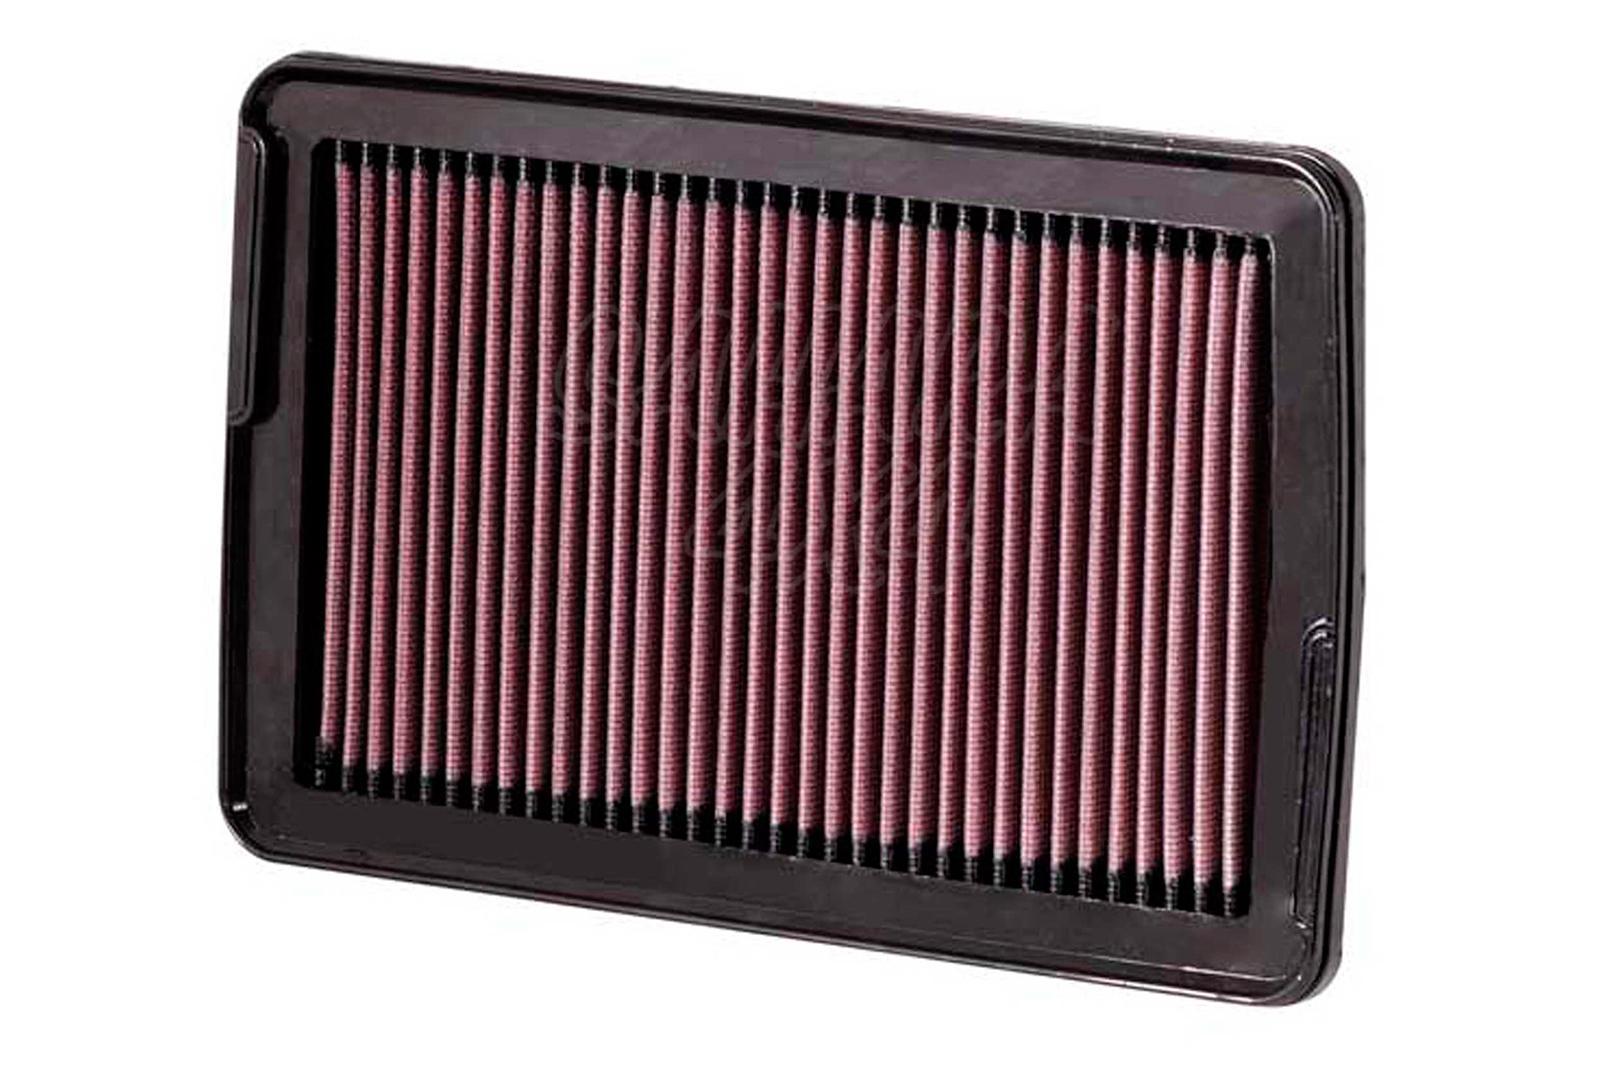 hight resolution of replacement air filter k n hyundai santa fe 2 7 petrol 06 010 2 2 diesel